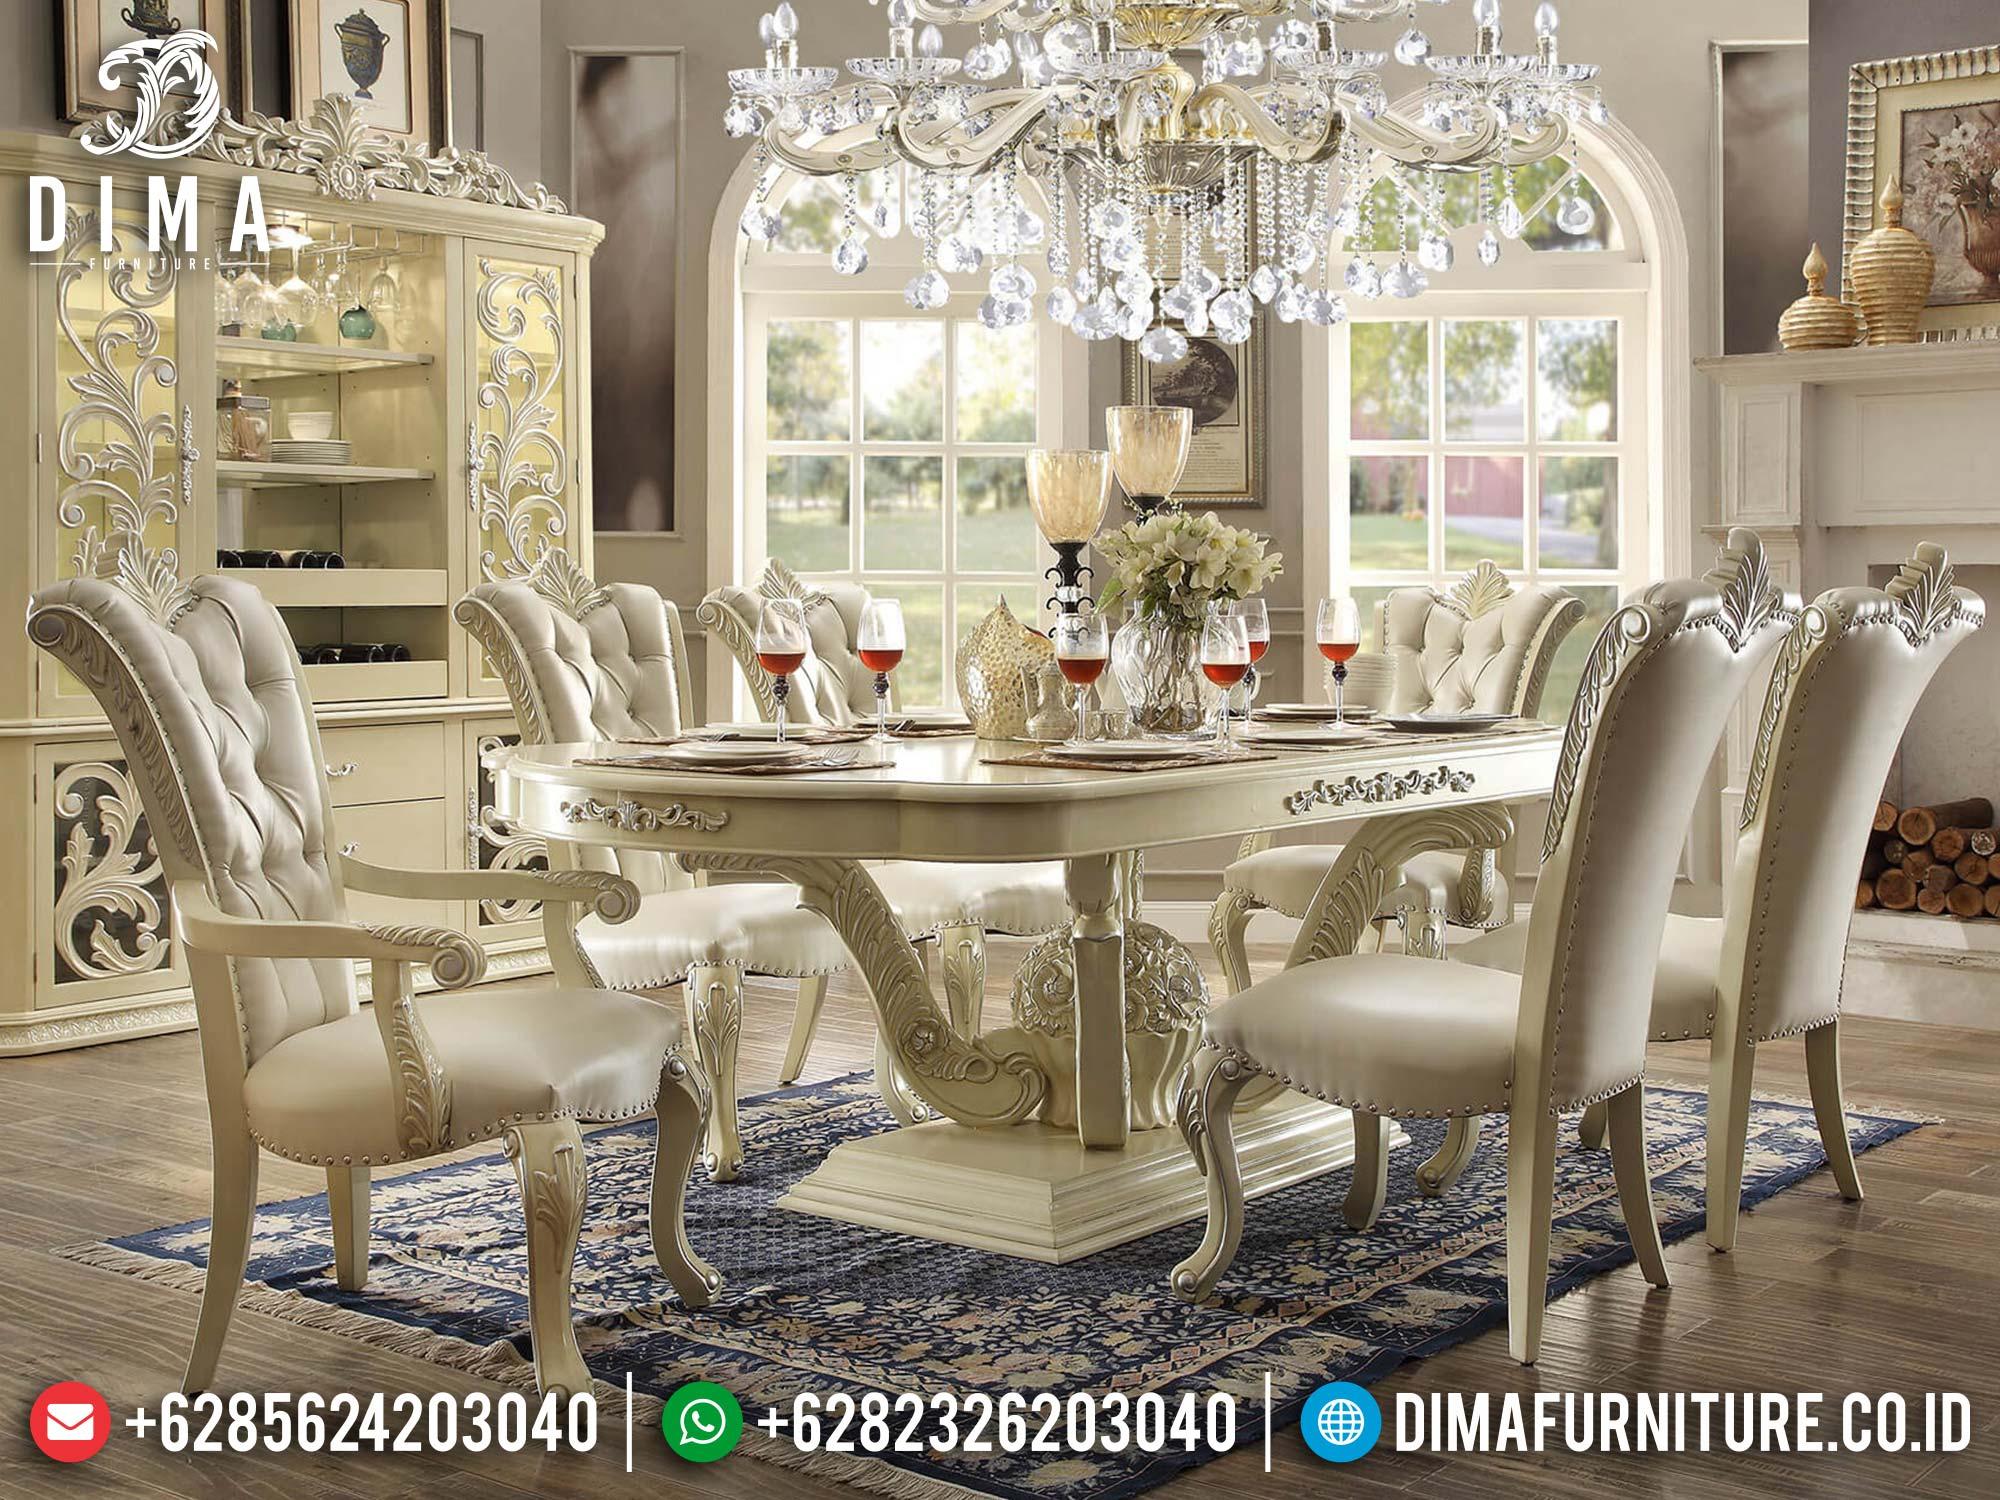 Meja Makan Mewah Jepara Duco Color Luxury Carving Furniture St-1243